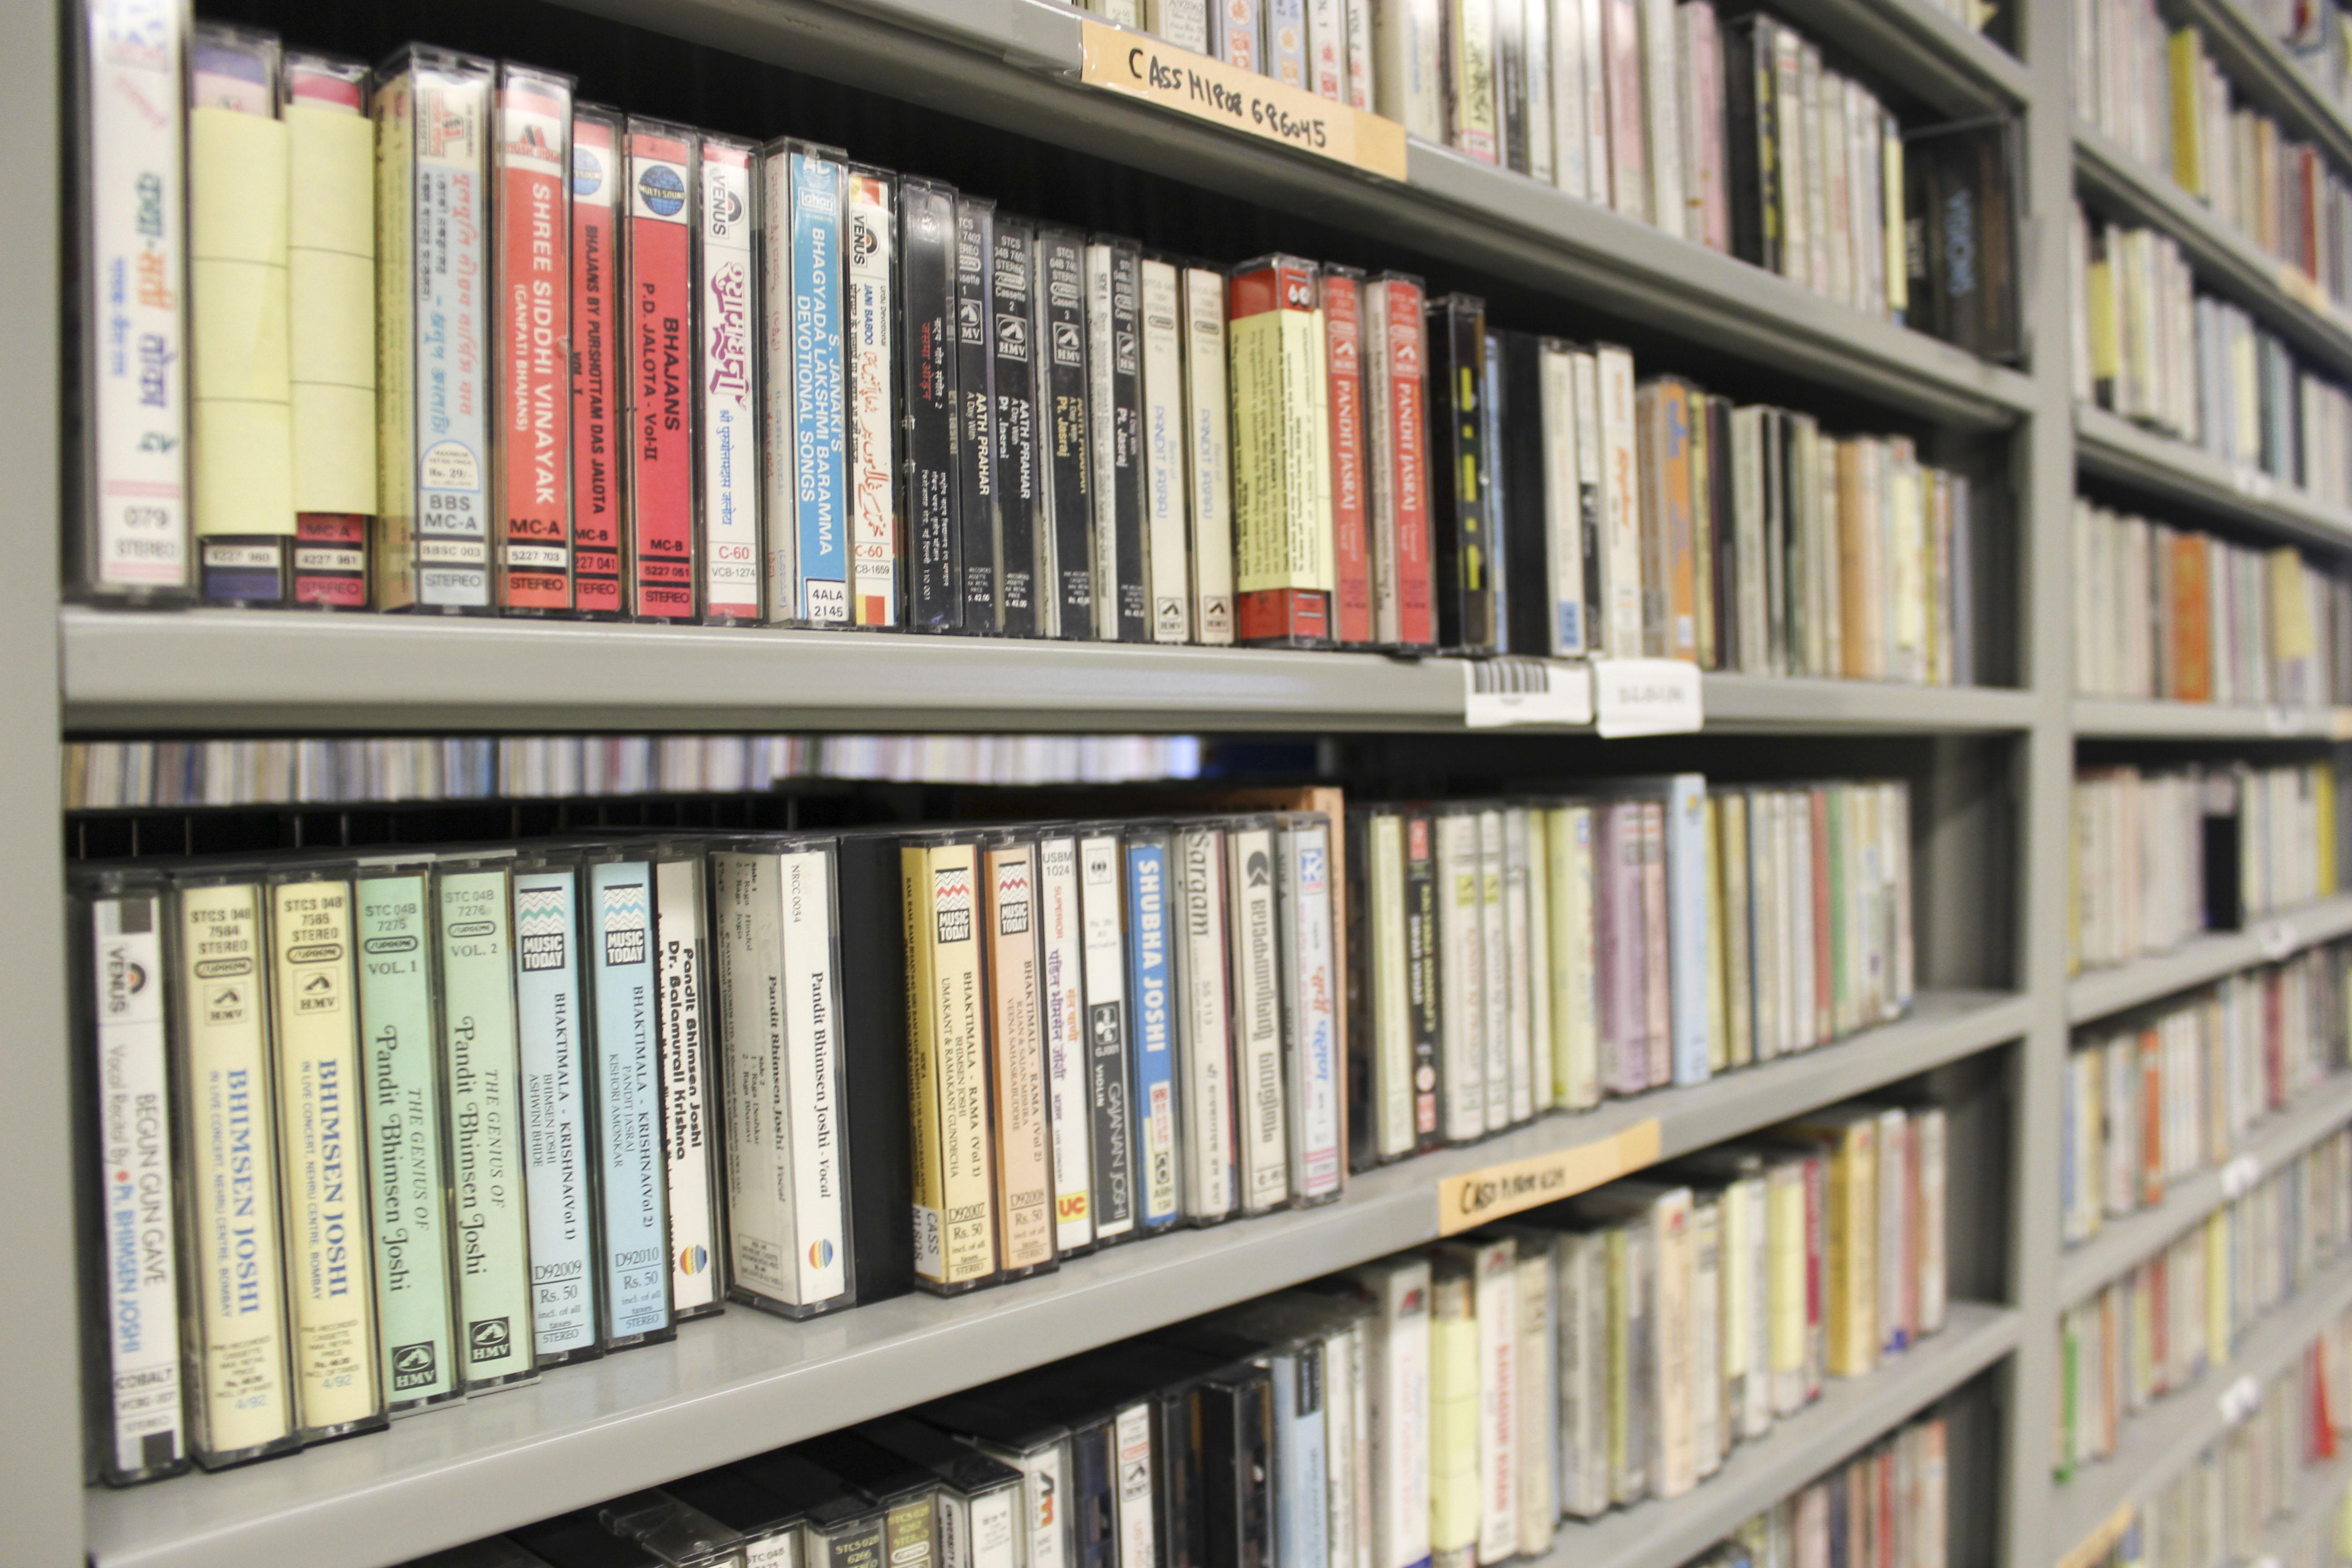 Implicacións legais e de protección de datos condicionan o traballo con rexistros sonoros da tradición